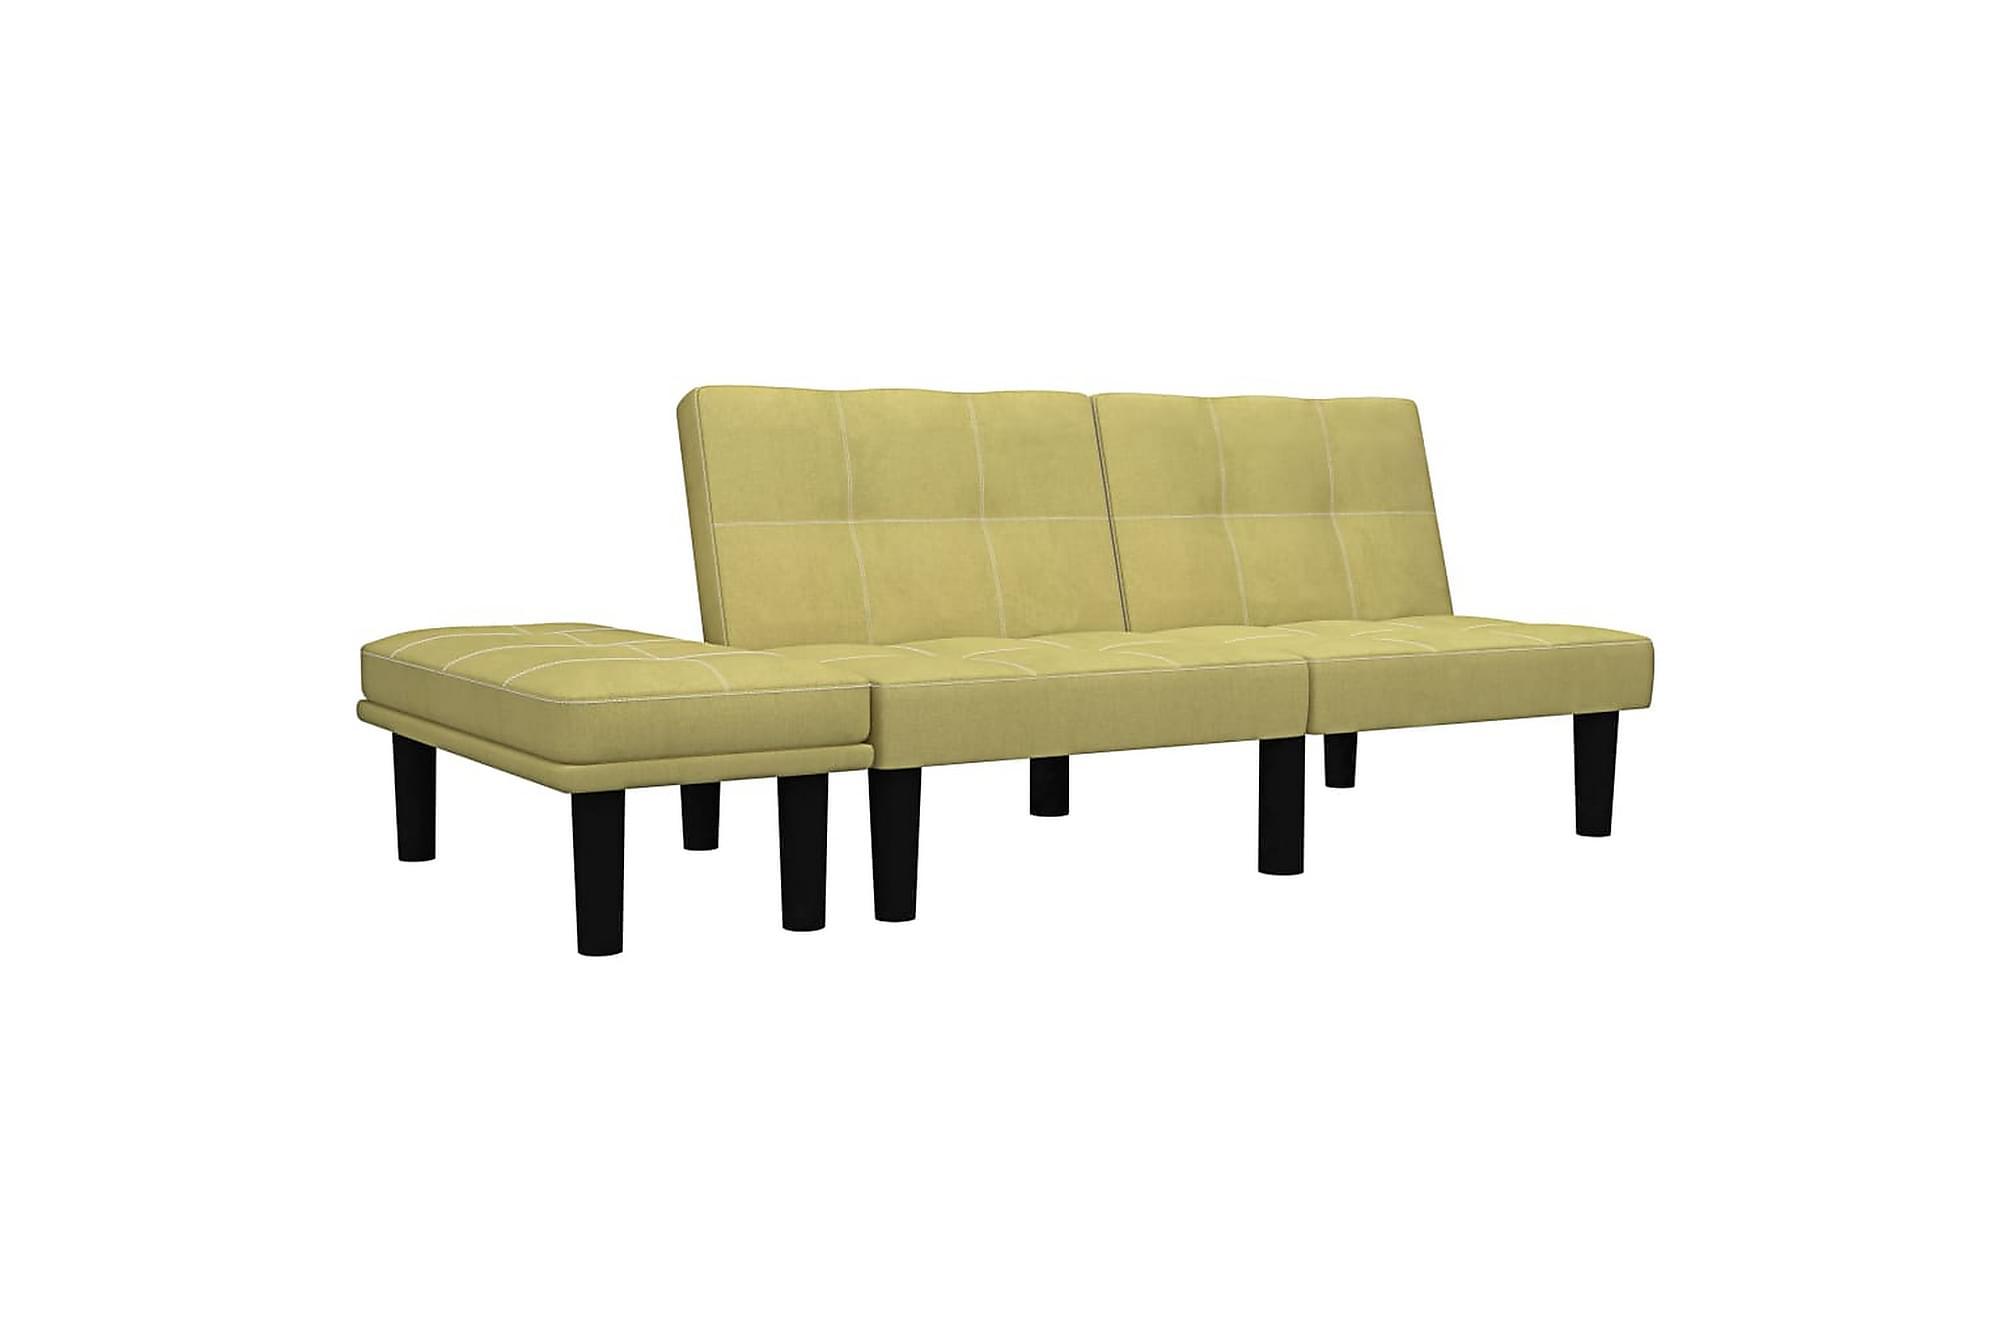 2-sitssoffa grön tyg, 2-sits soffor